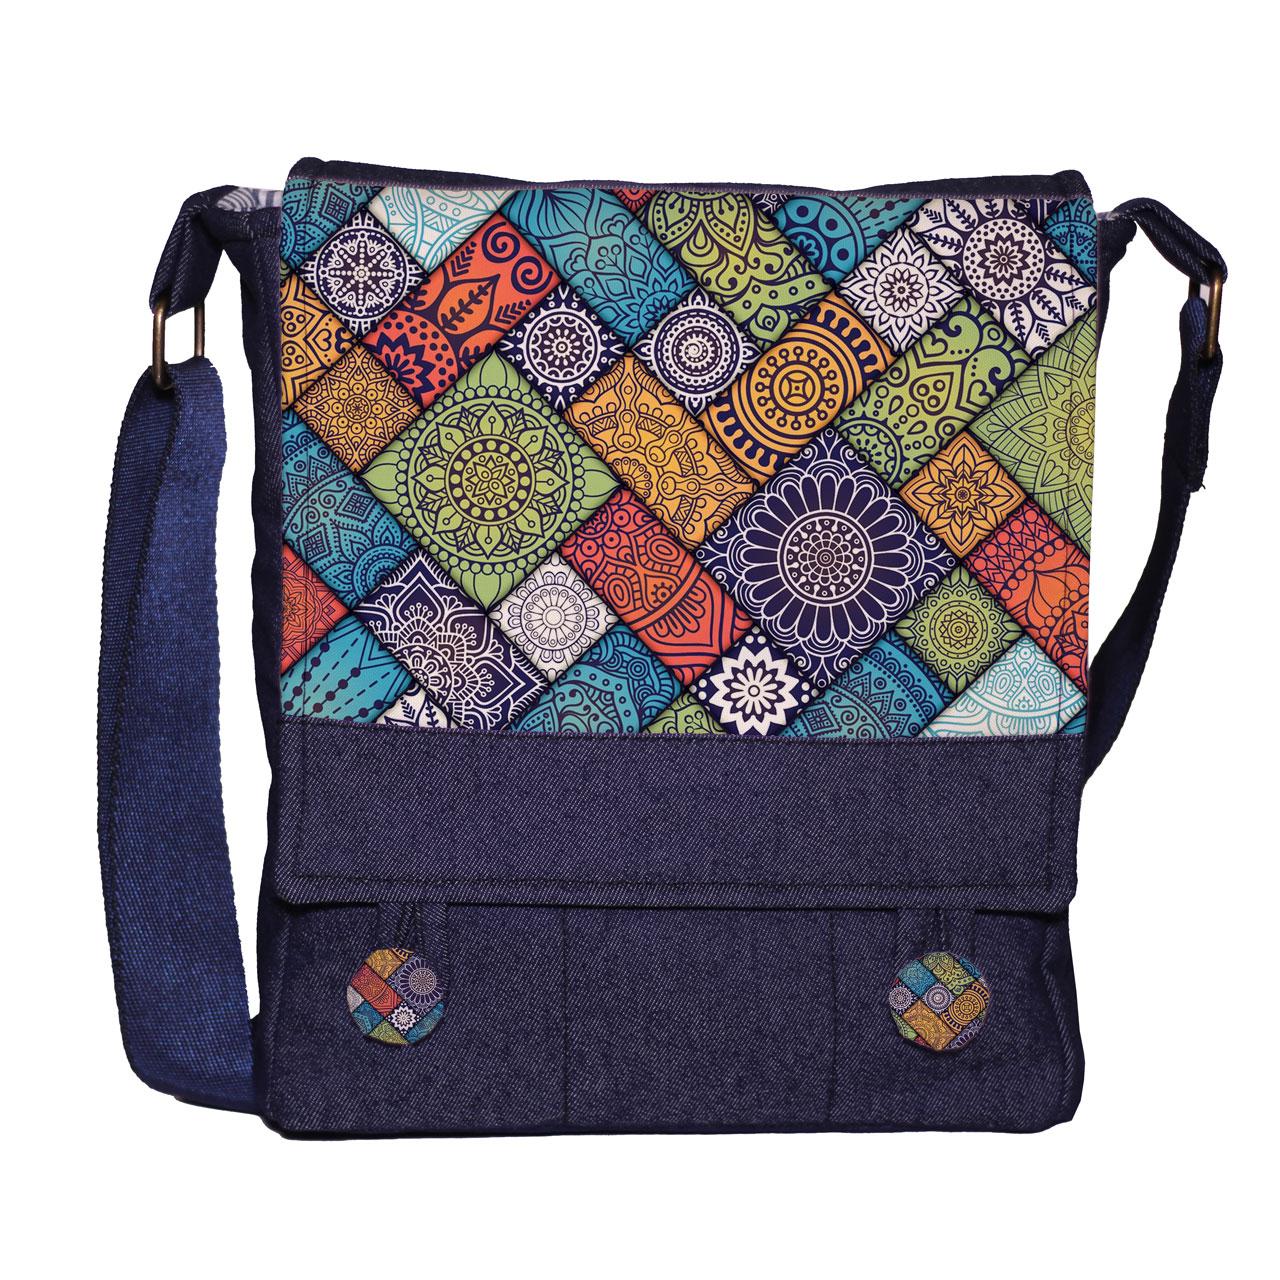 کیف دوشی زنانه گالری چی چاپ کد 66001